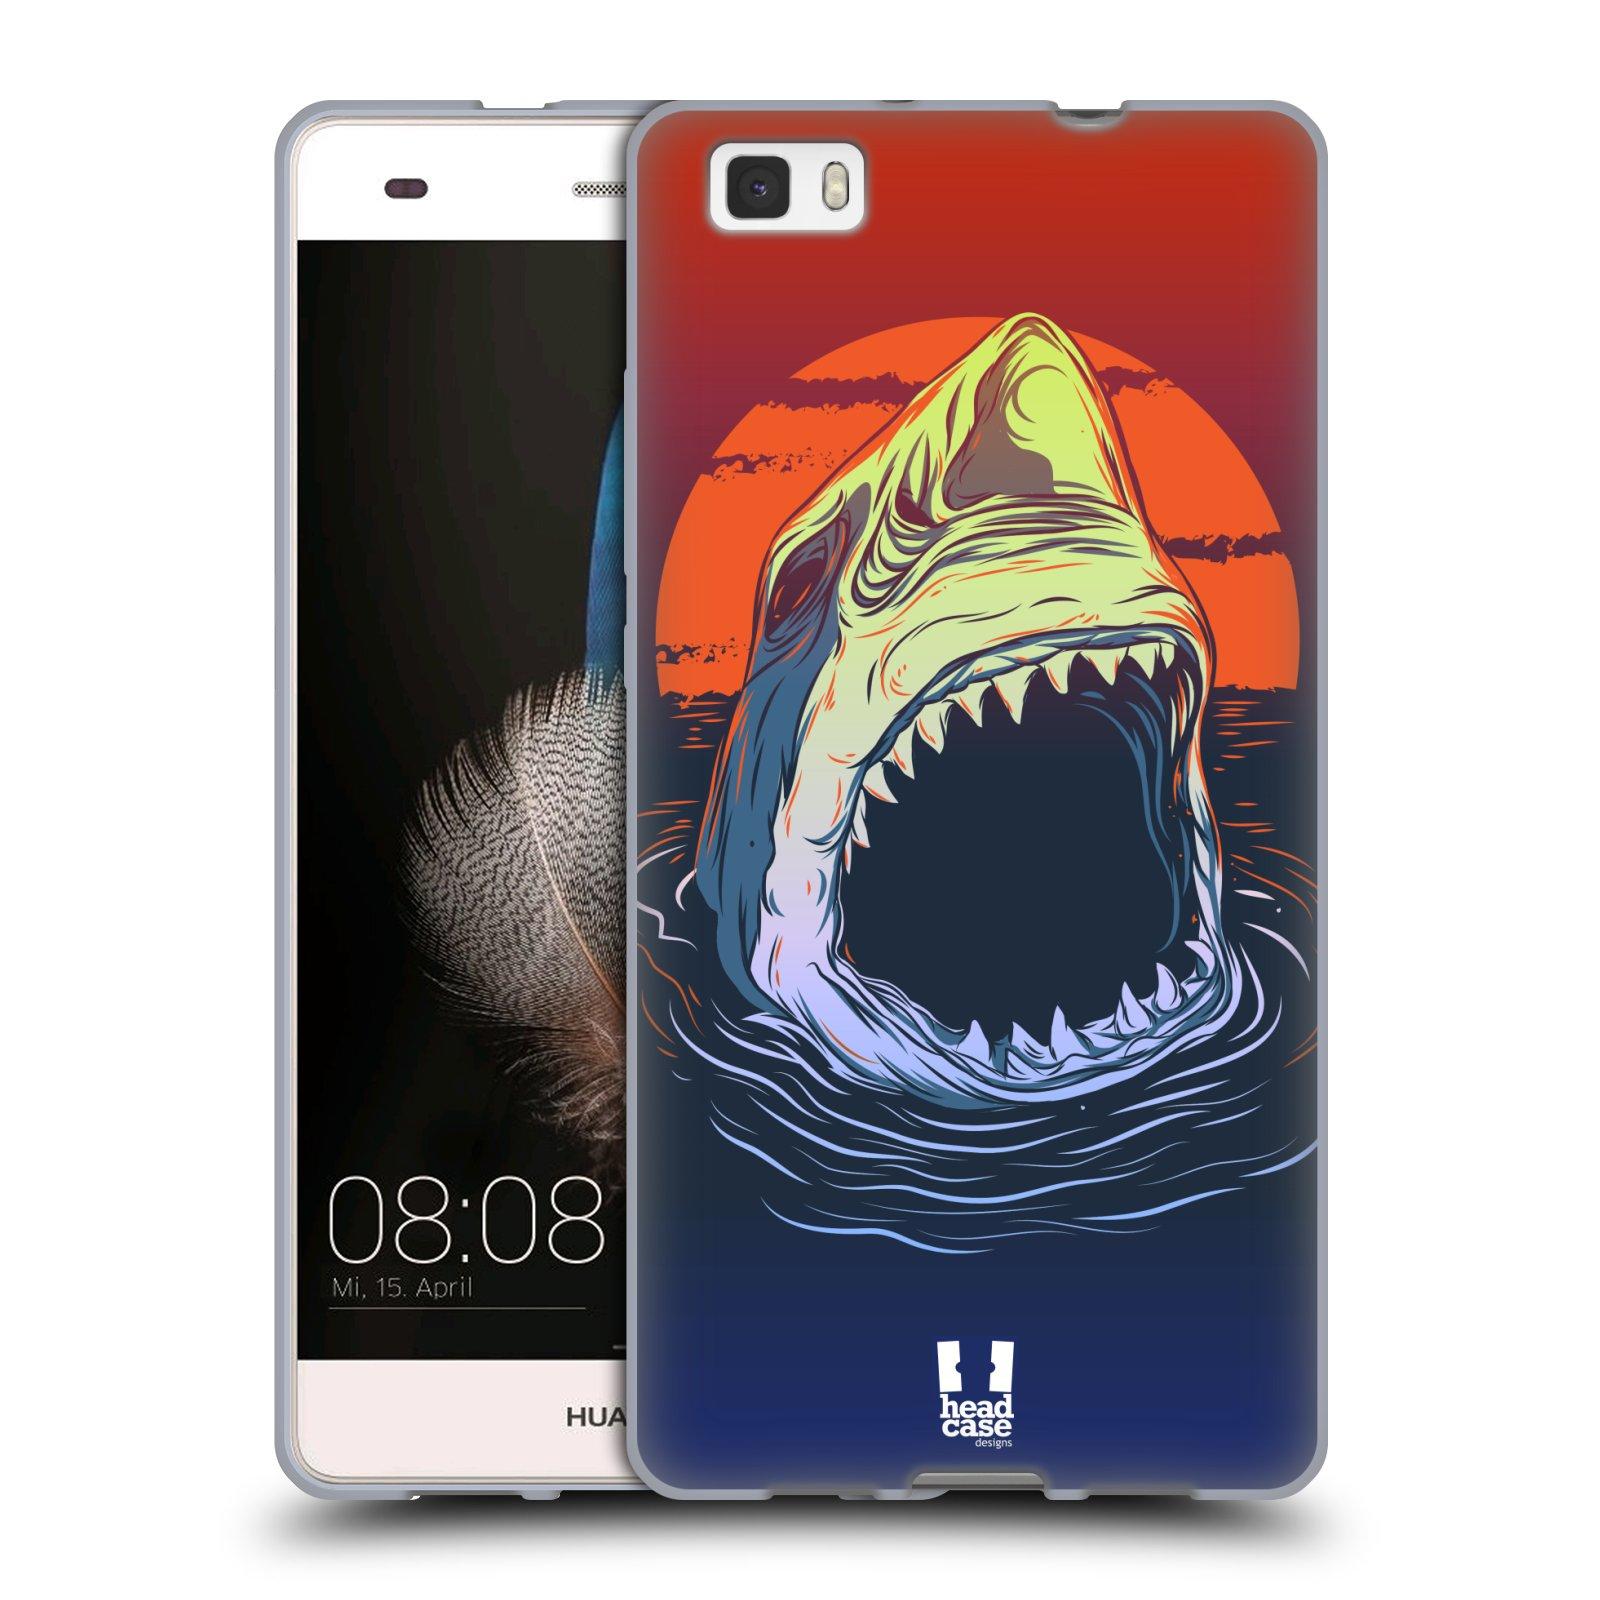 HEAD CASE silikonový obal na mobil HUAWEI P8 LITE vzor mořská monstra žralok